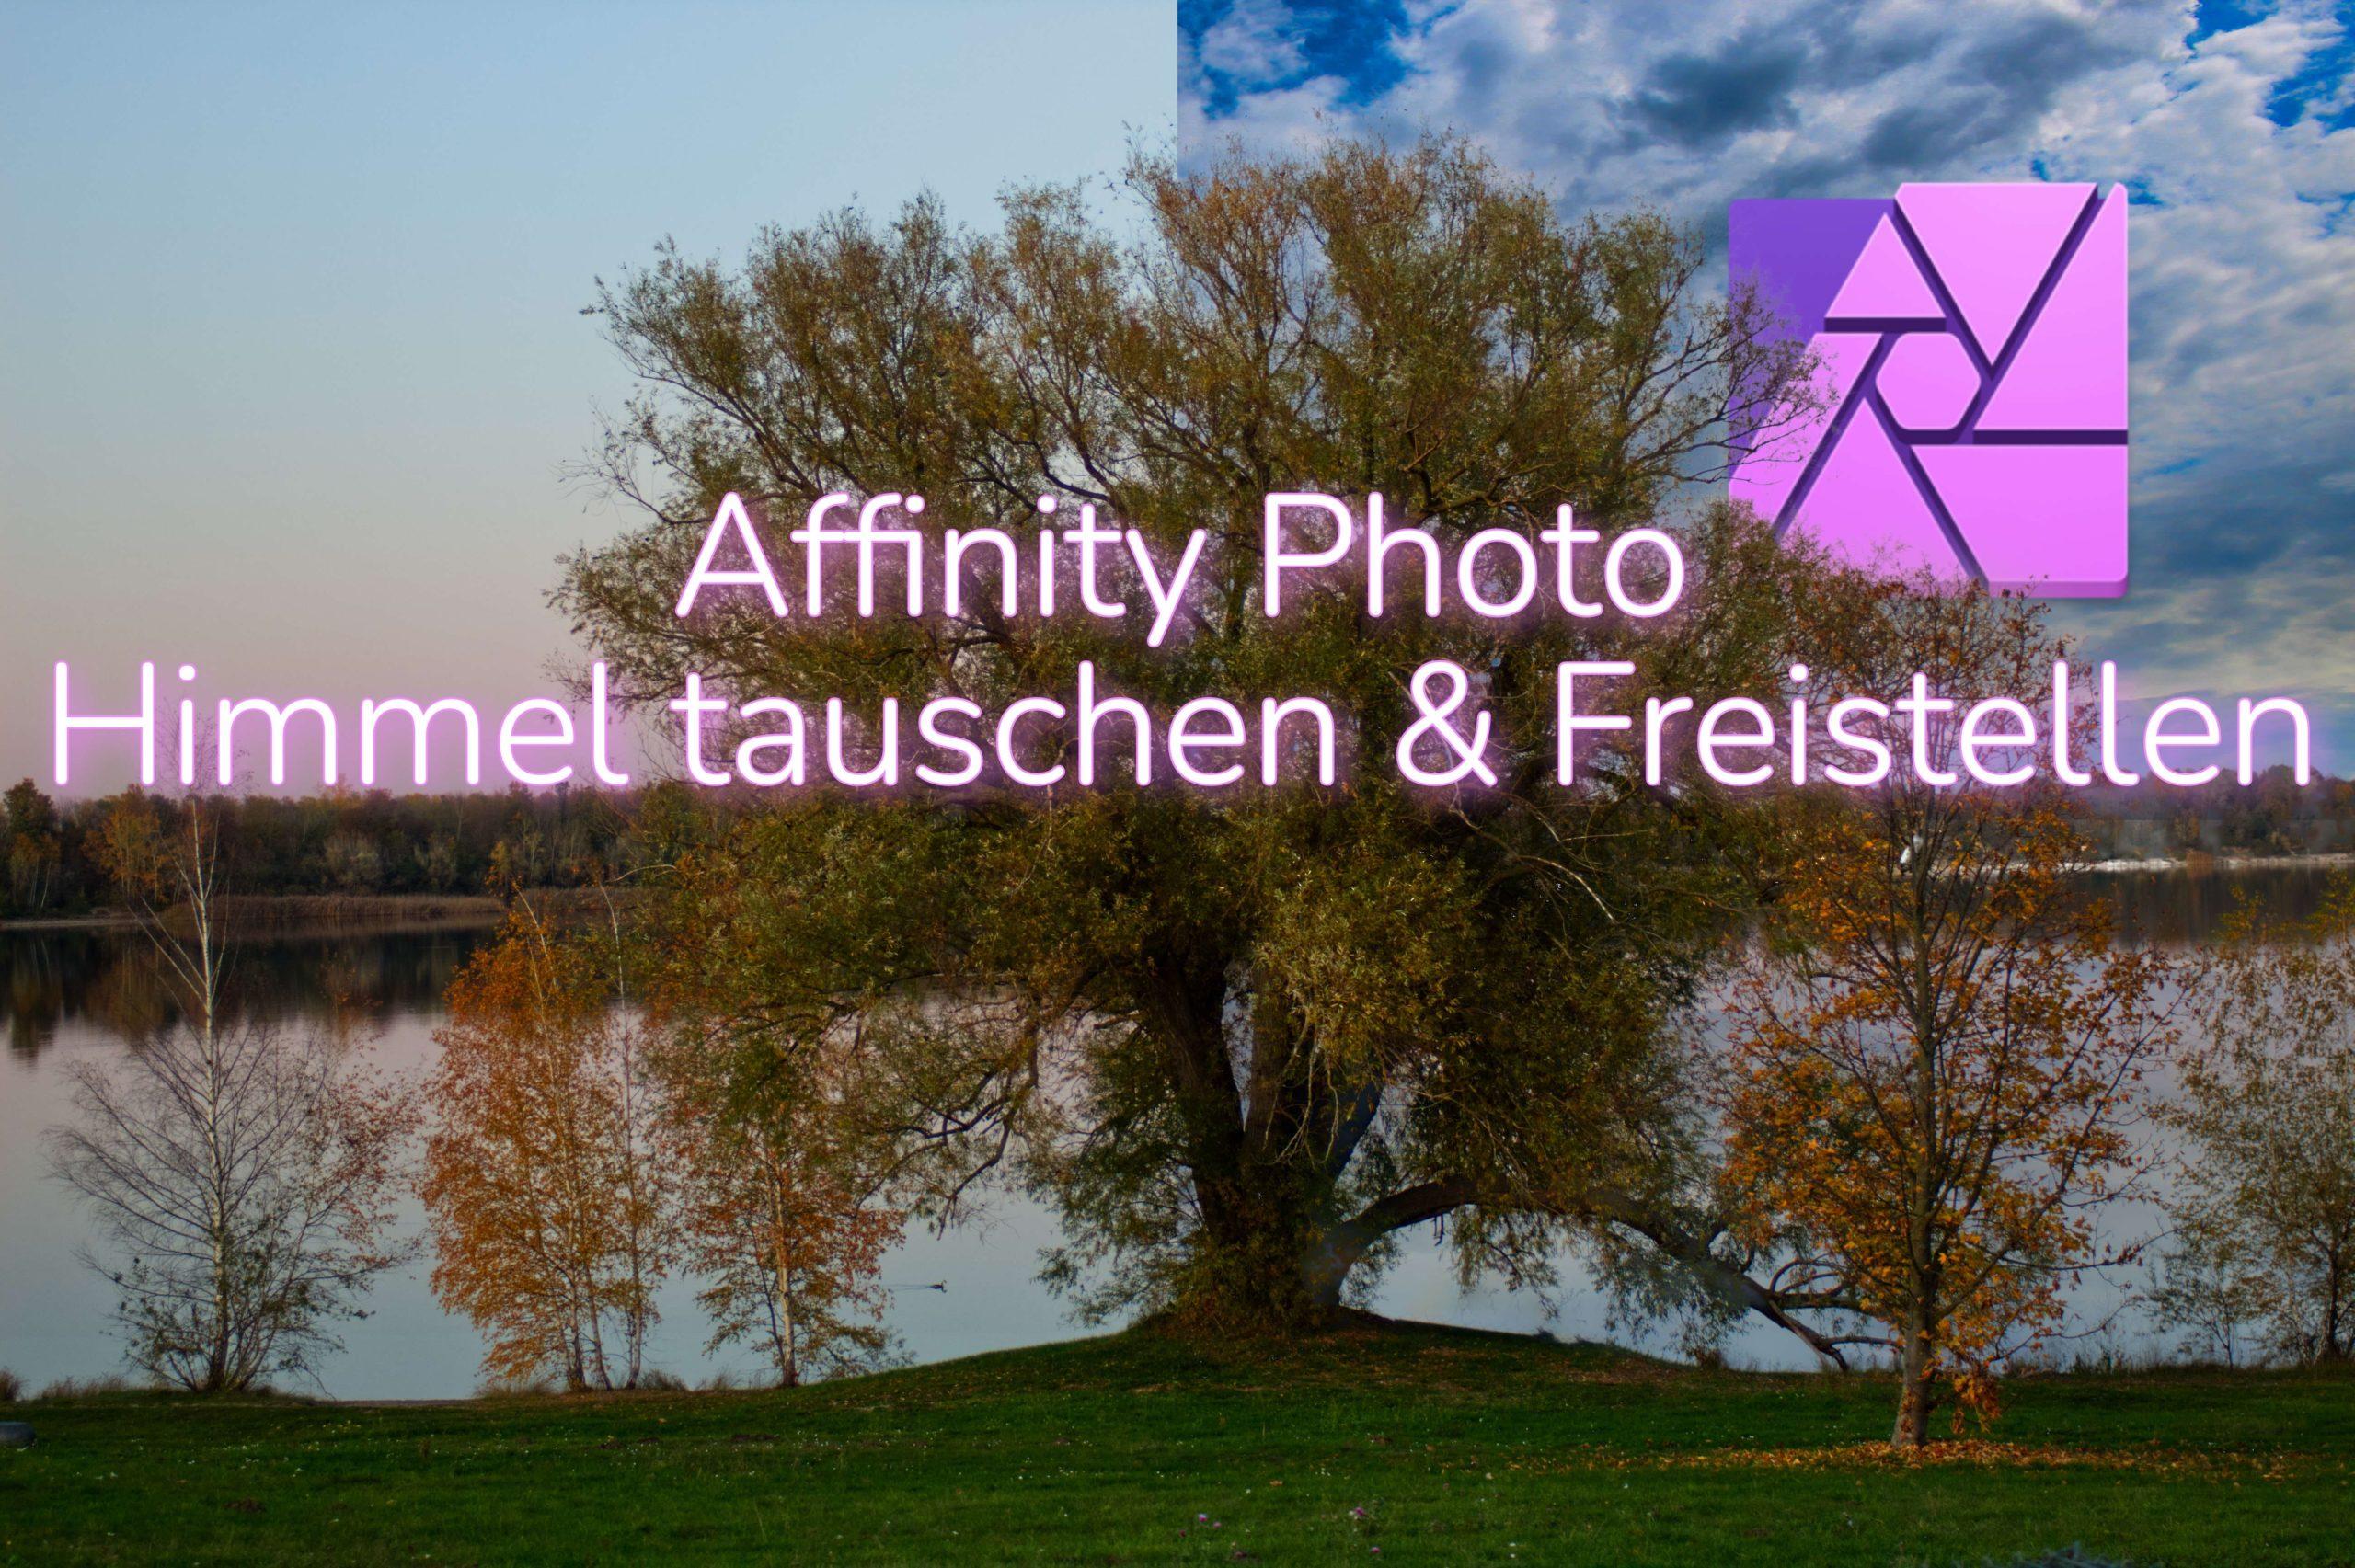 Affinity Photo – Himmel tauschen und Freistellen